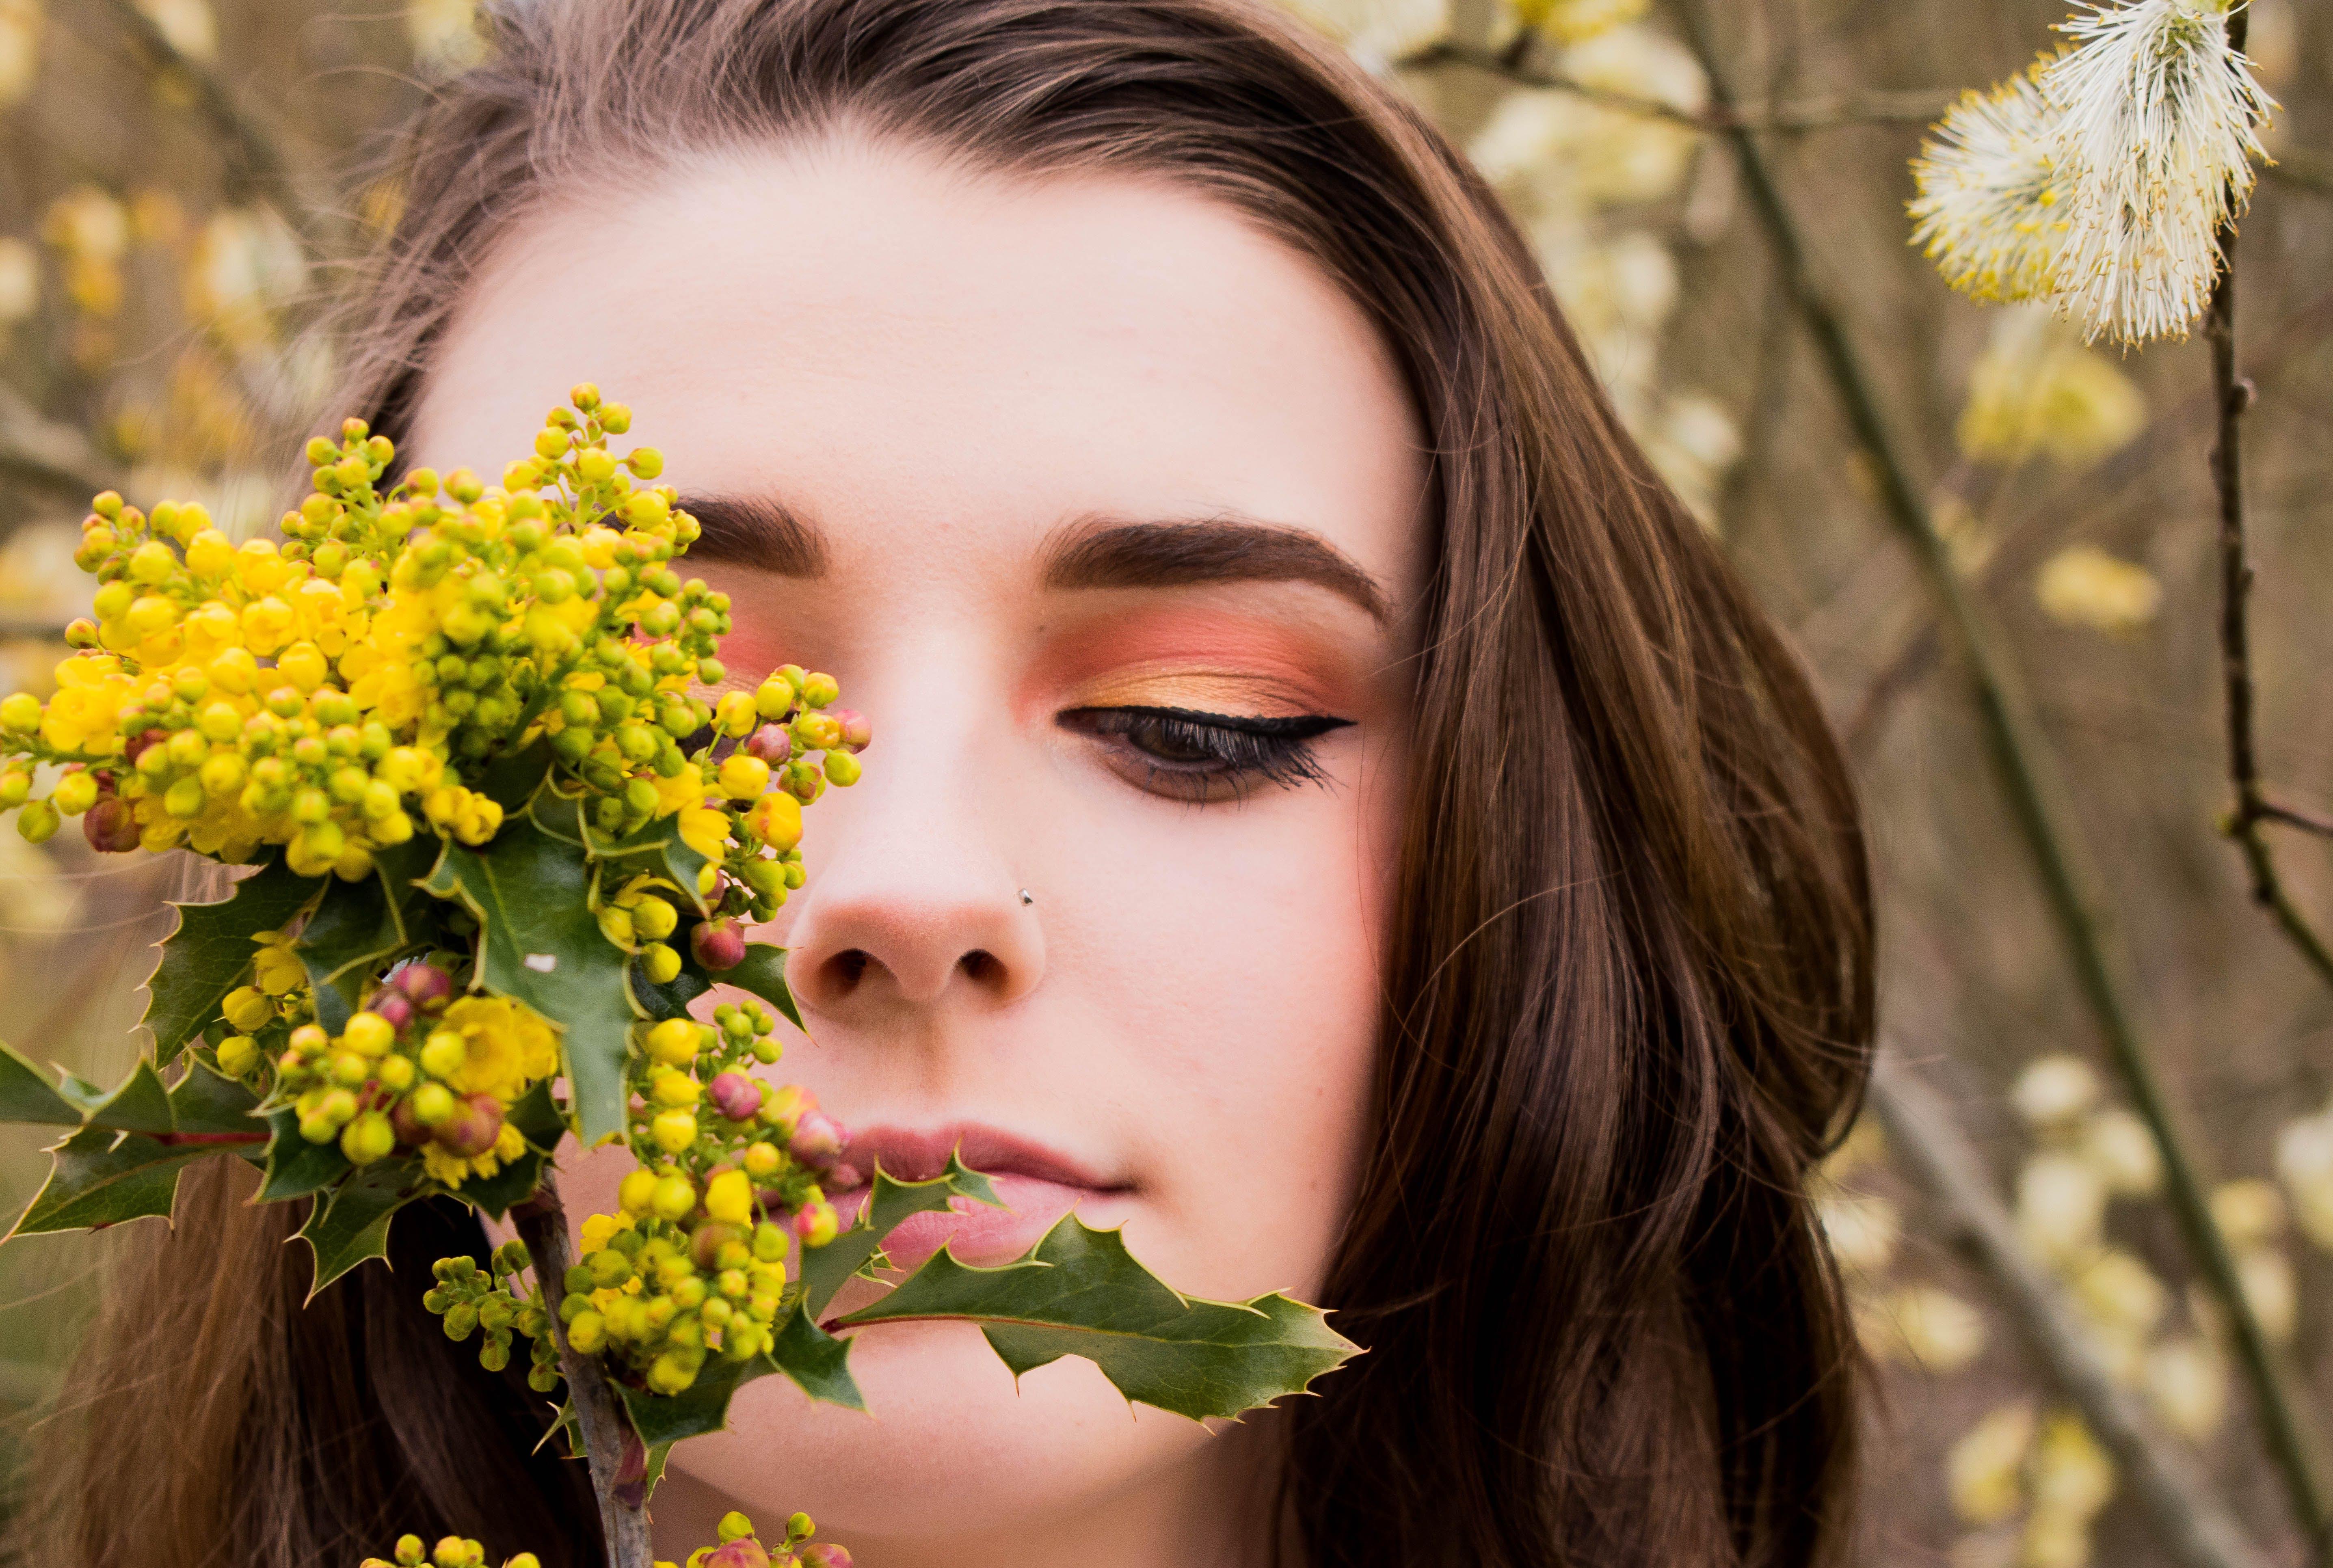 Δωρεάν στοκ φωτογραφιών με γυναίκα, κορίτσι, λουλούδι, χλωρίδα